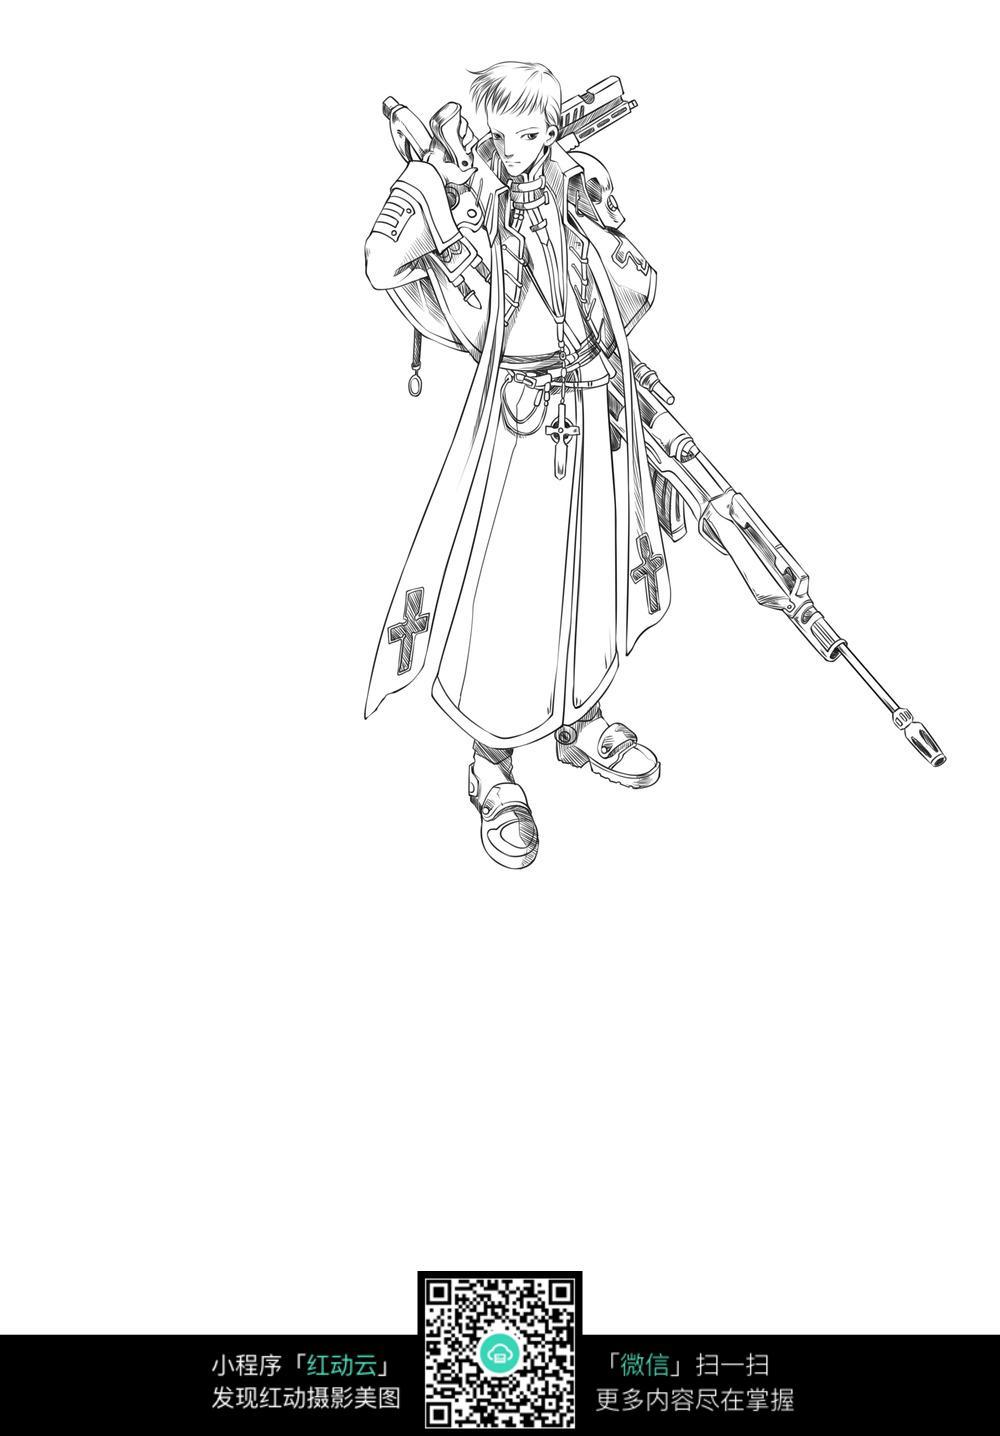 枪和少年卡通手绘